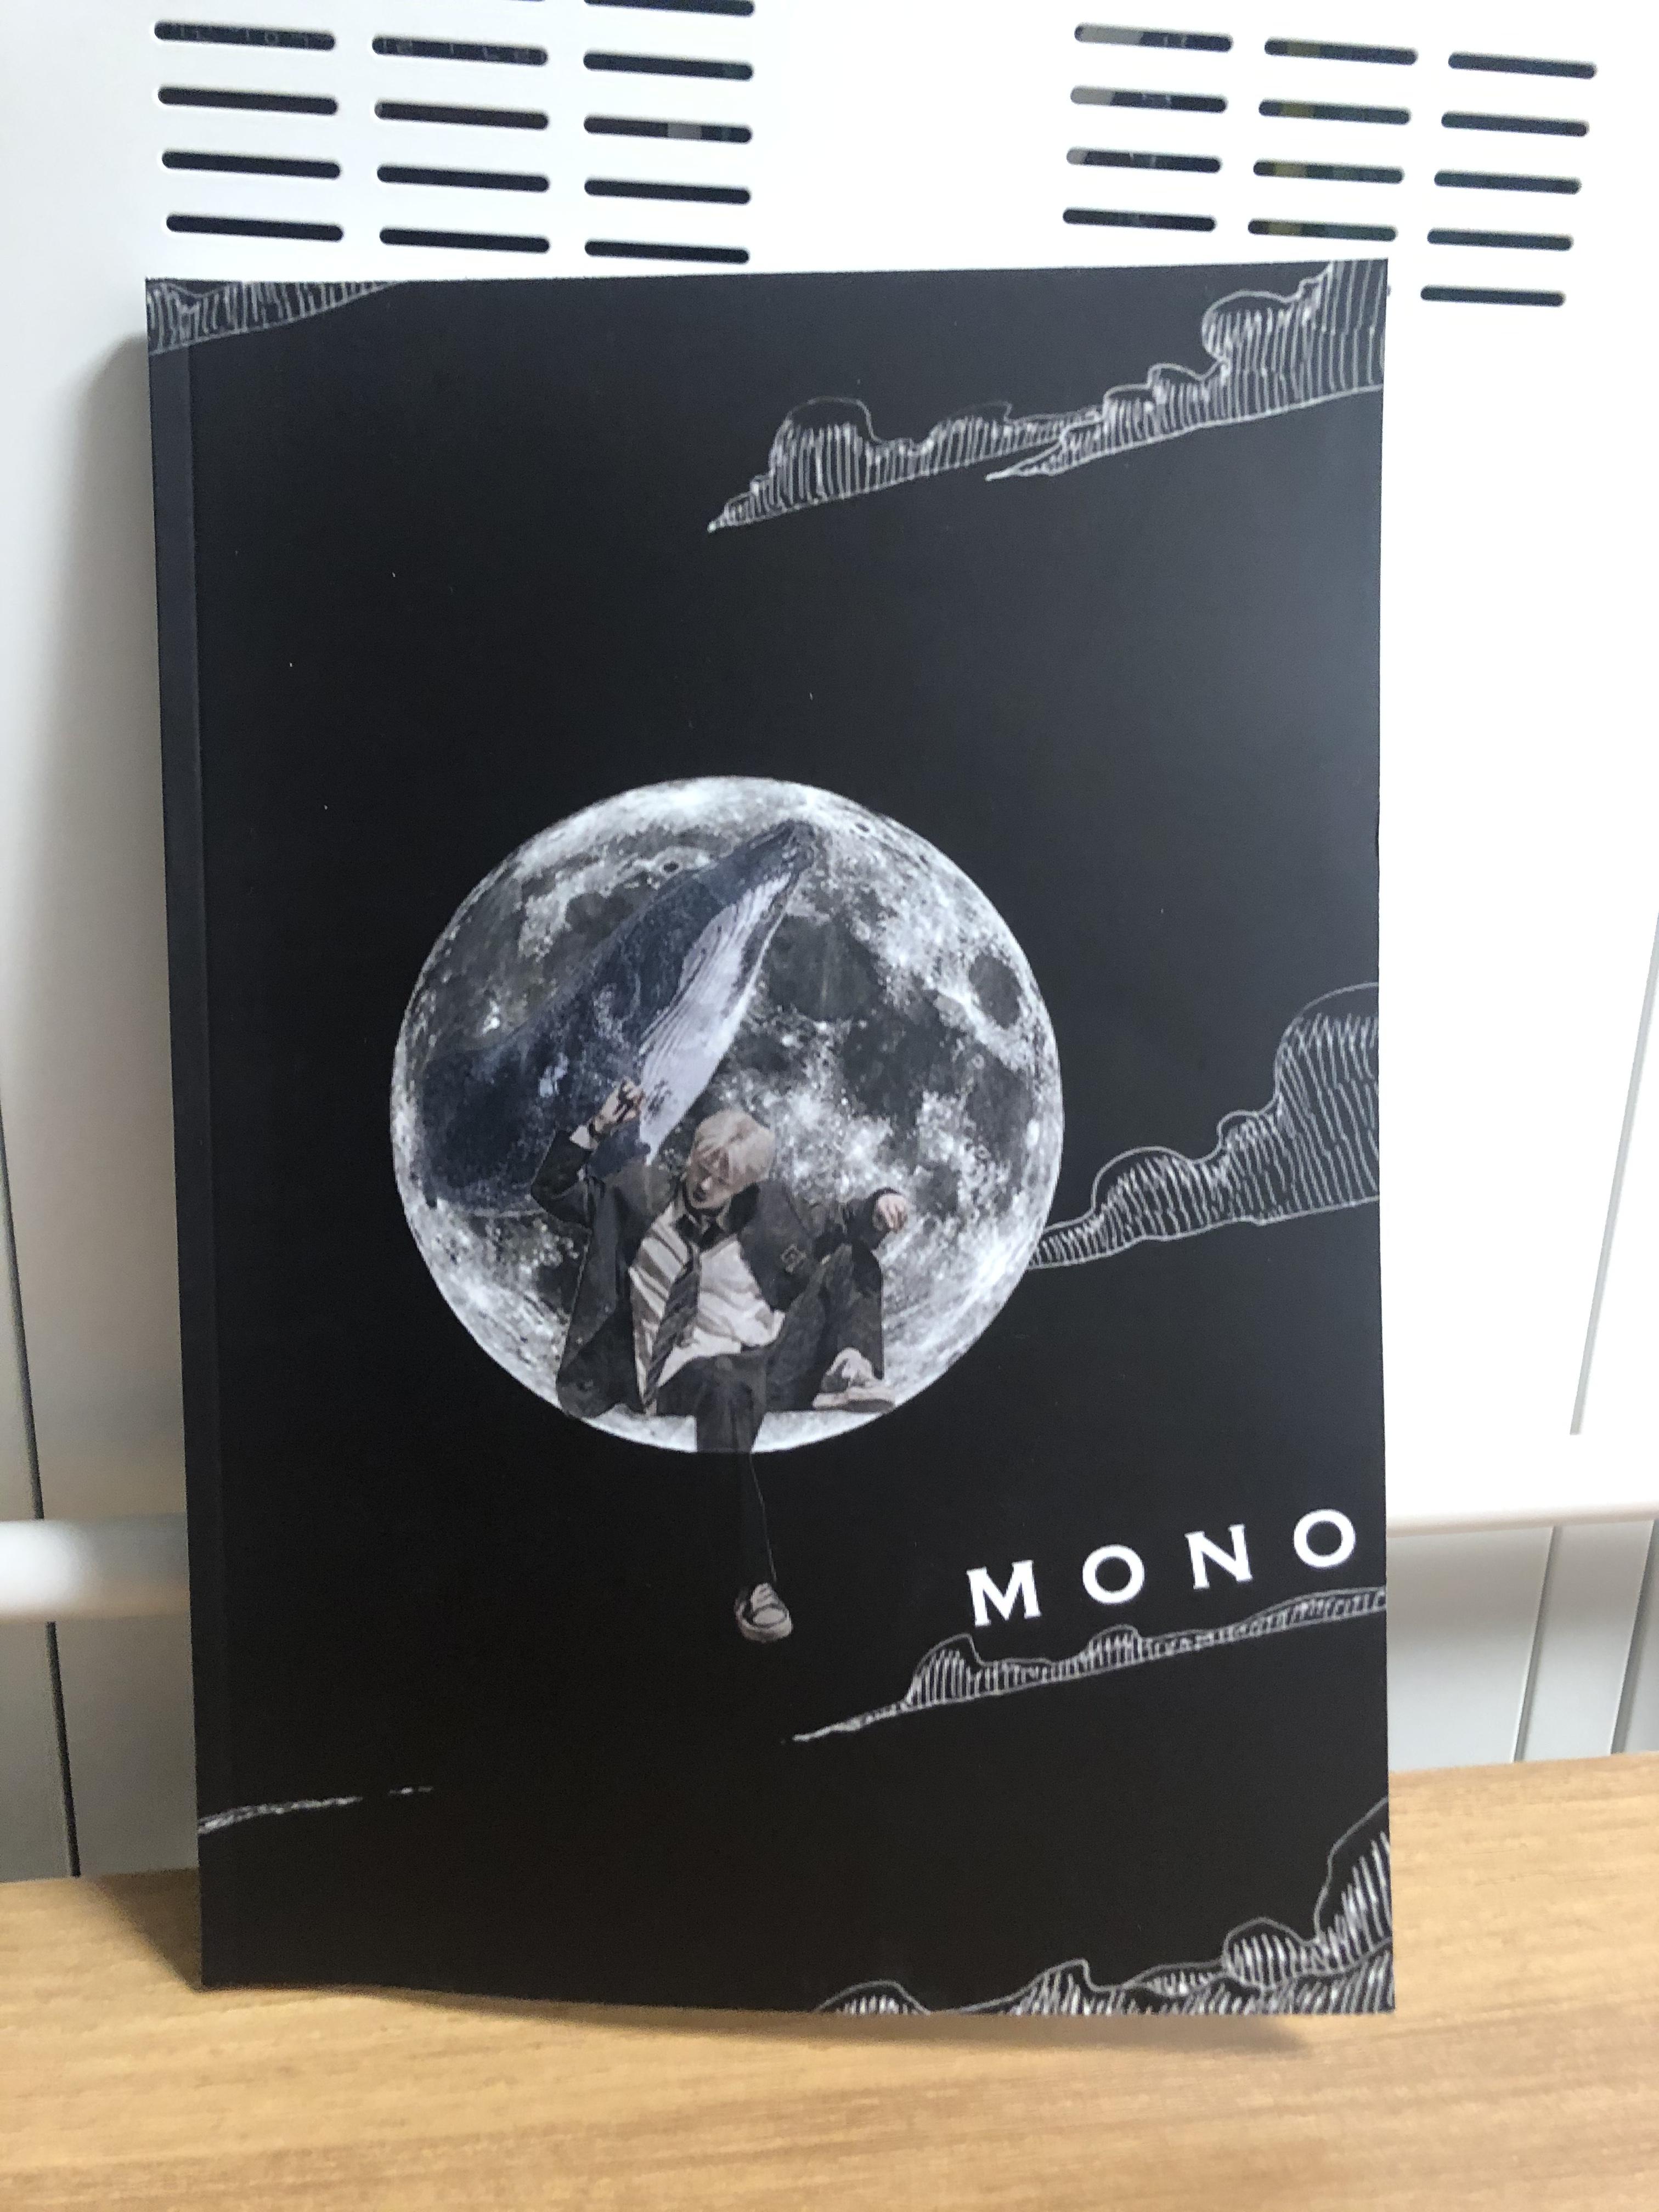 방탄소년단) 모노북 샘플북 왔습니다!!! | 인스티즈